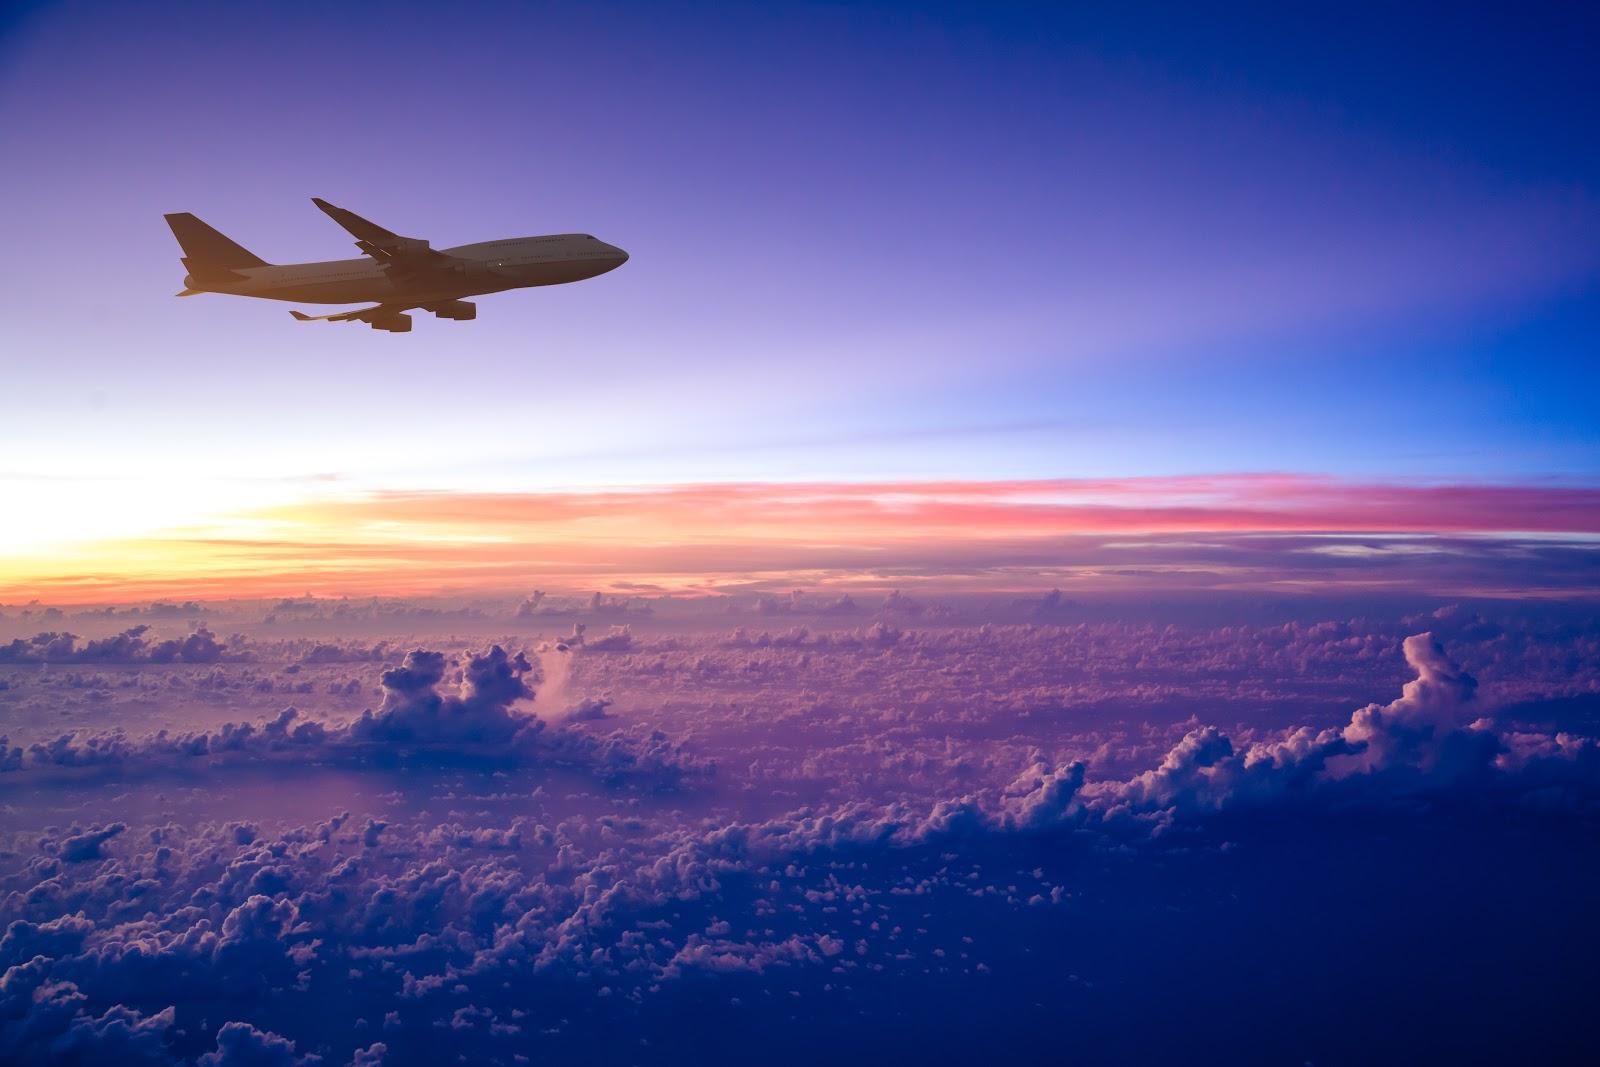 работы самолет улетает в америку картинка будет полезна